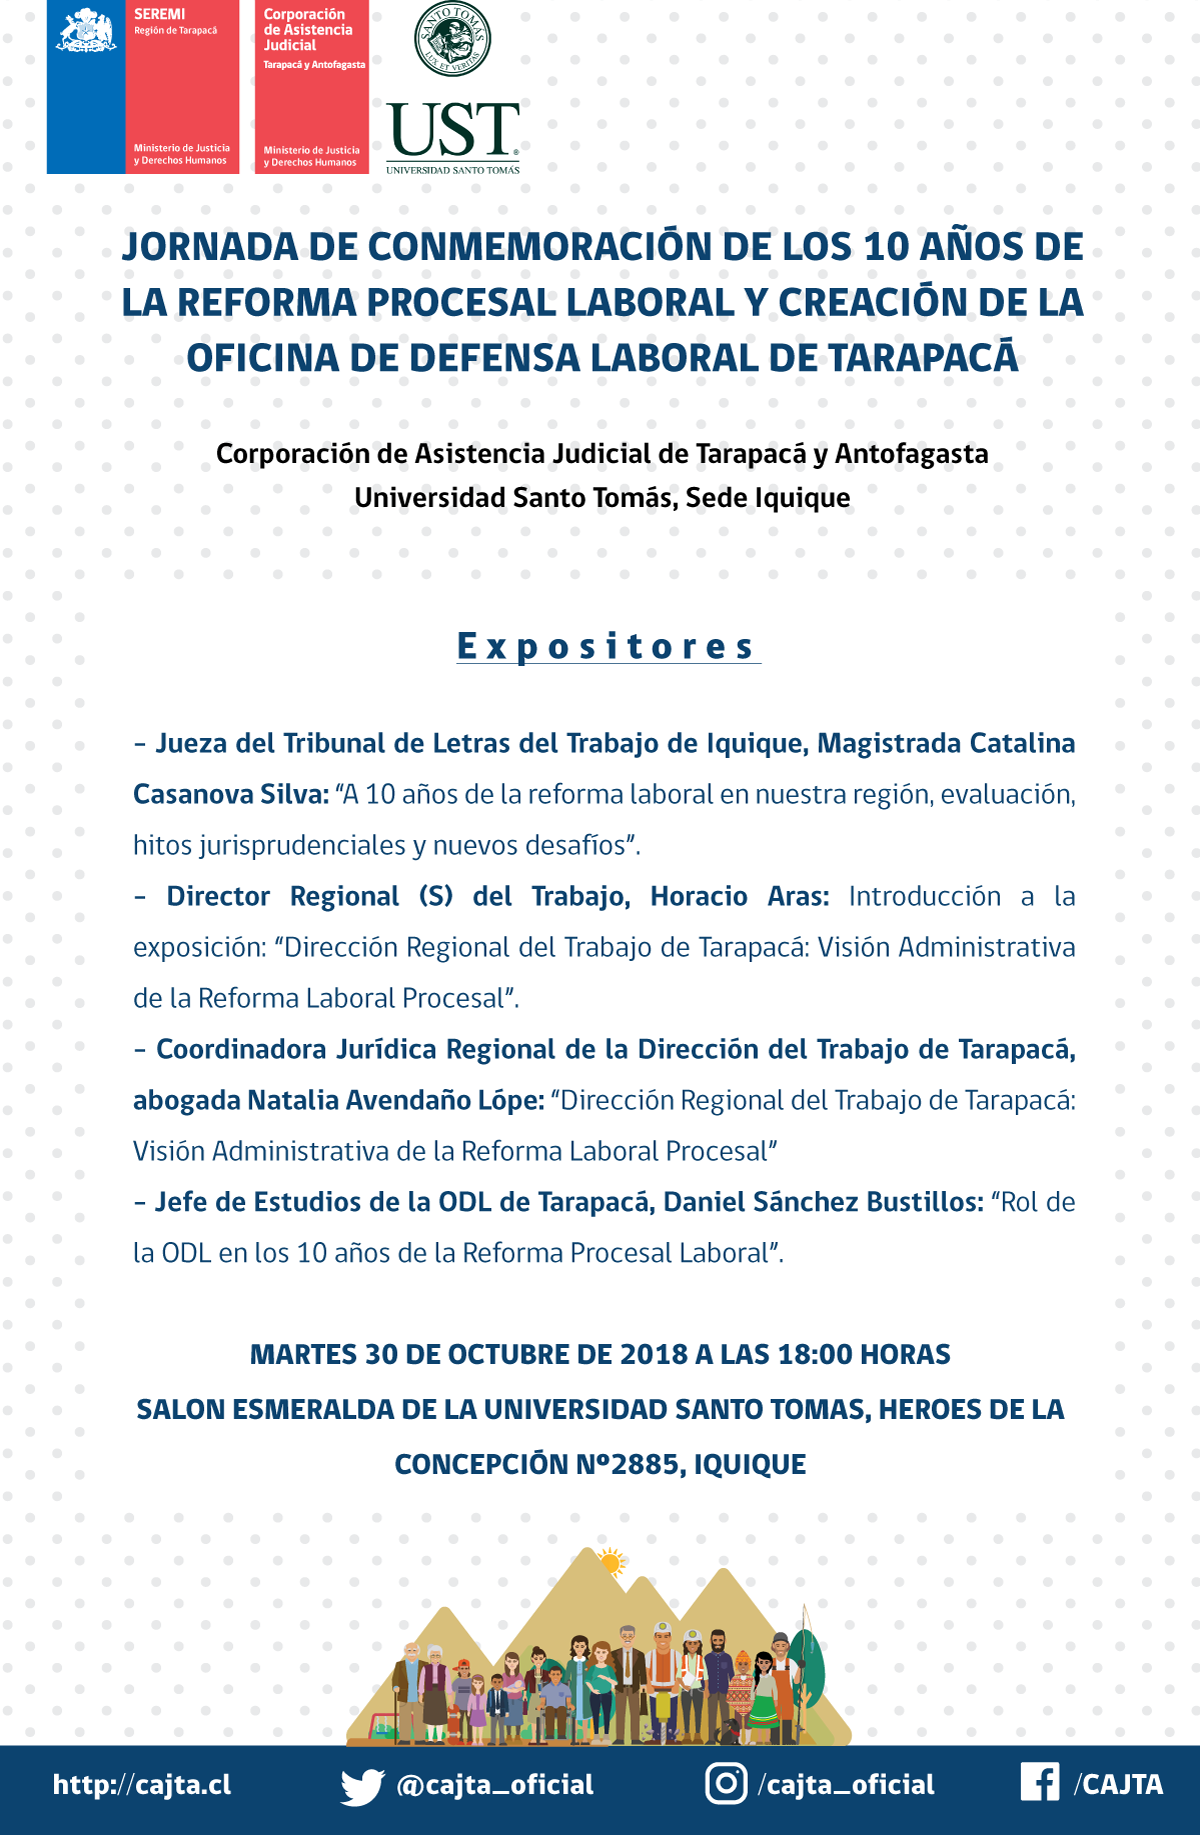 Jornada de conmemoración de los 10 años de la Reforma Procesal Laboral y Creación de la ODL de Tarapacá